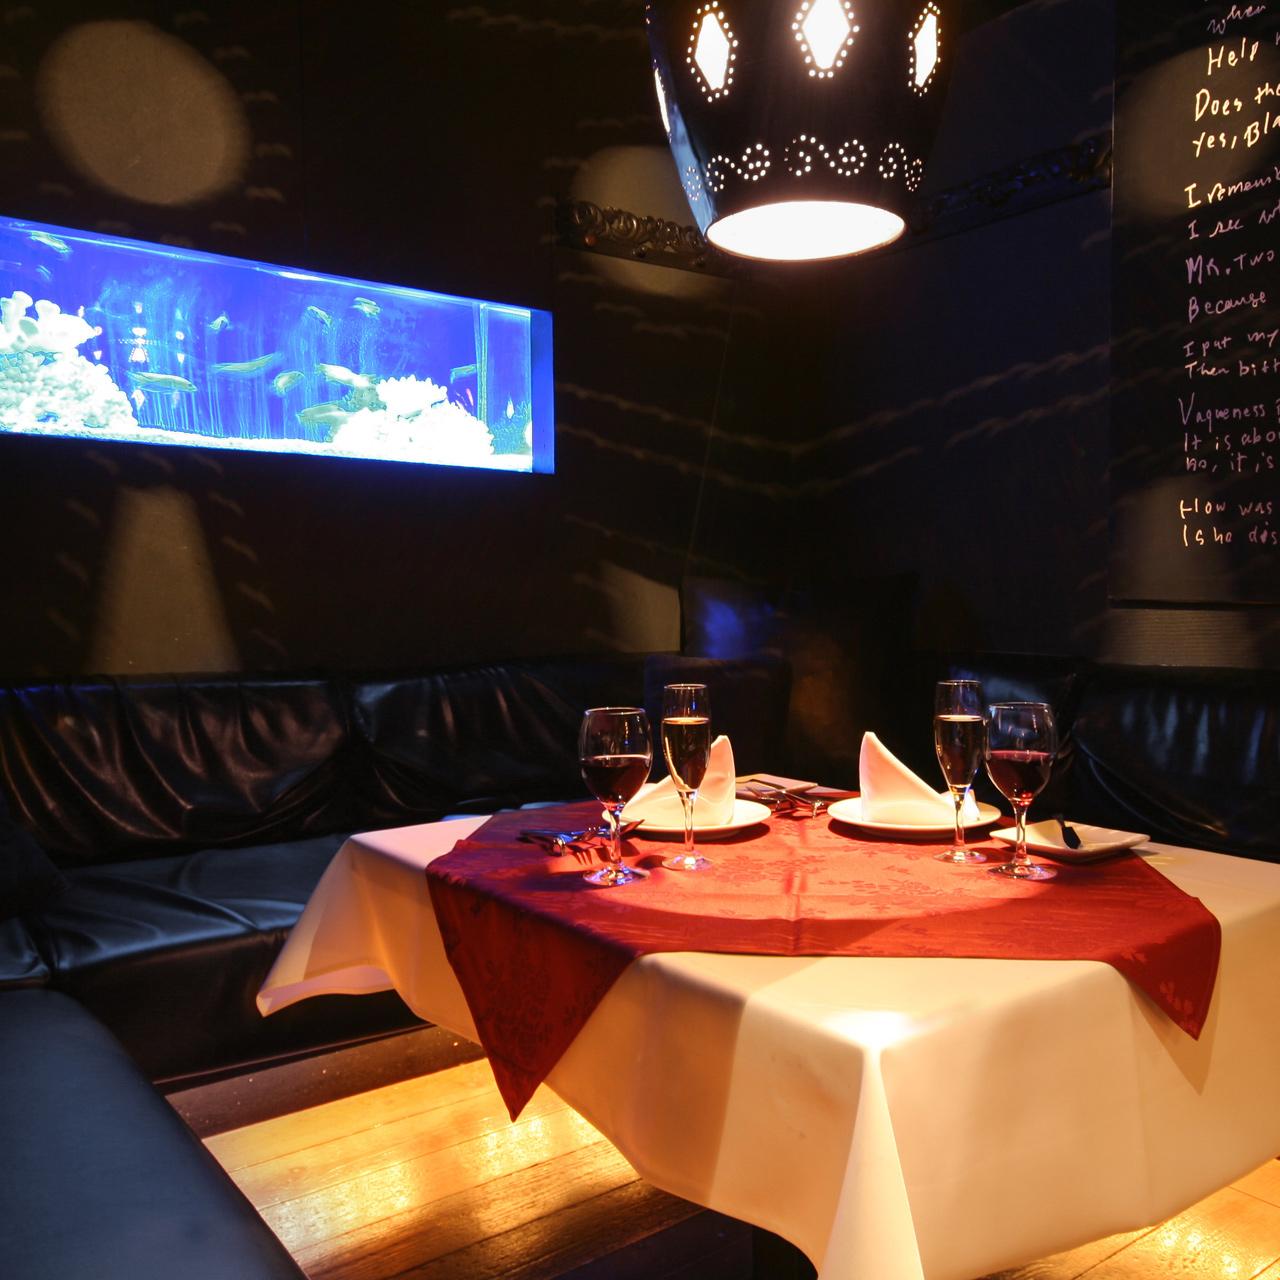 カーテンで仕切られた半個室は、バハマールで1番人気のお席です。ご利用の際には事前のご予約をお奨め致します。